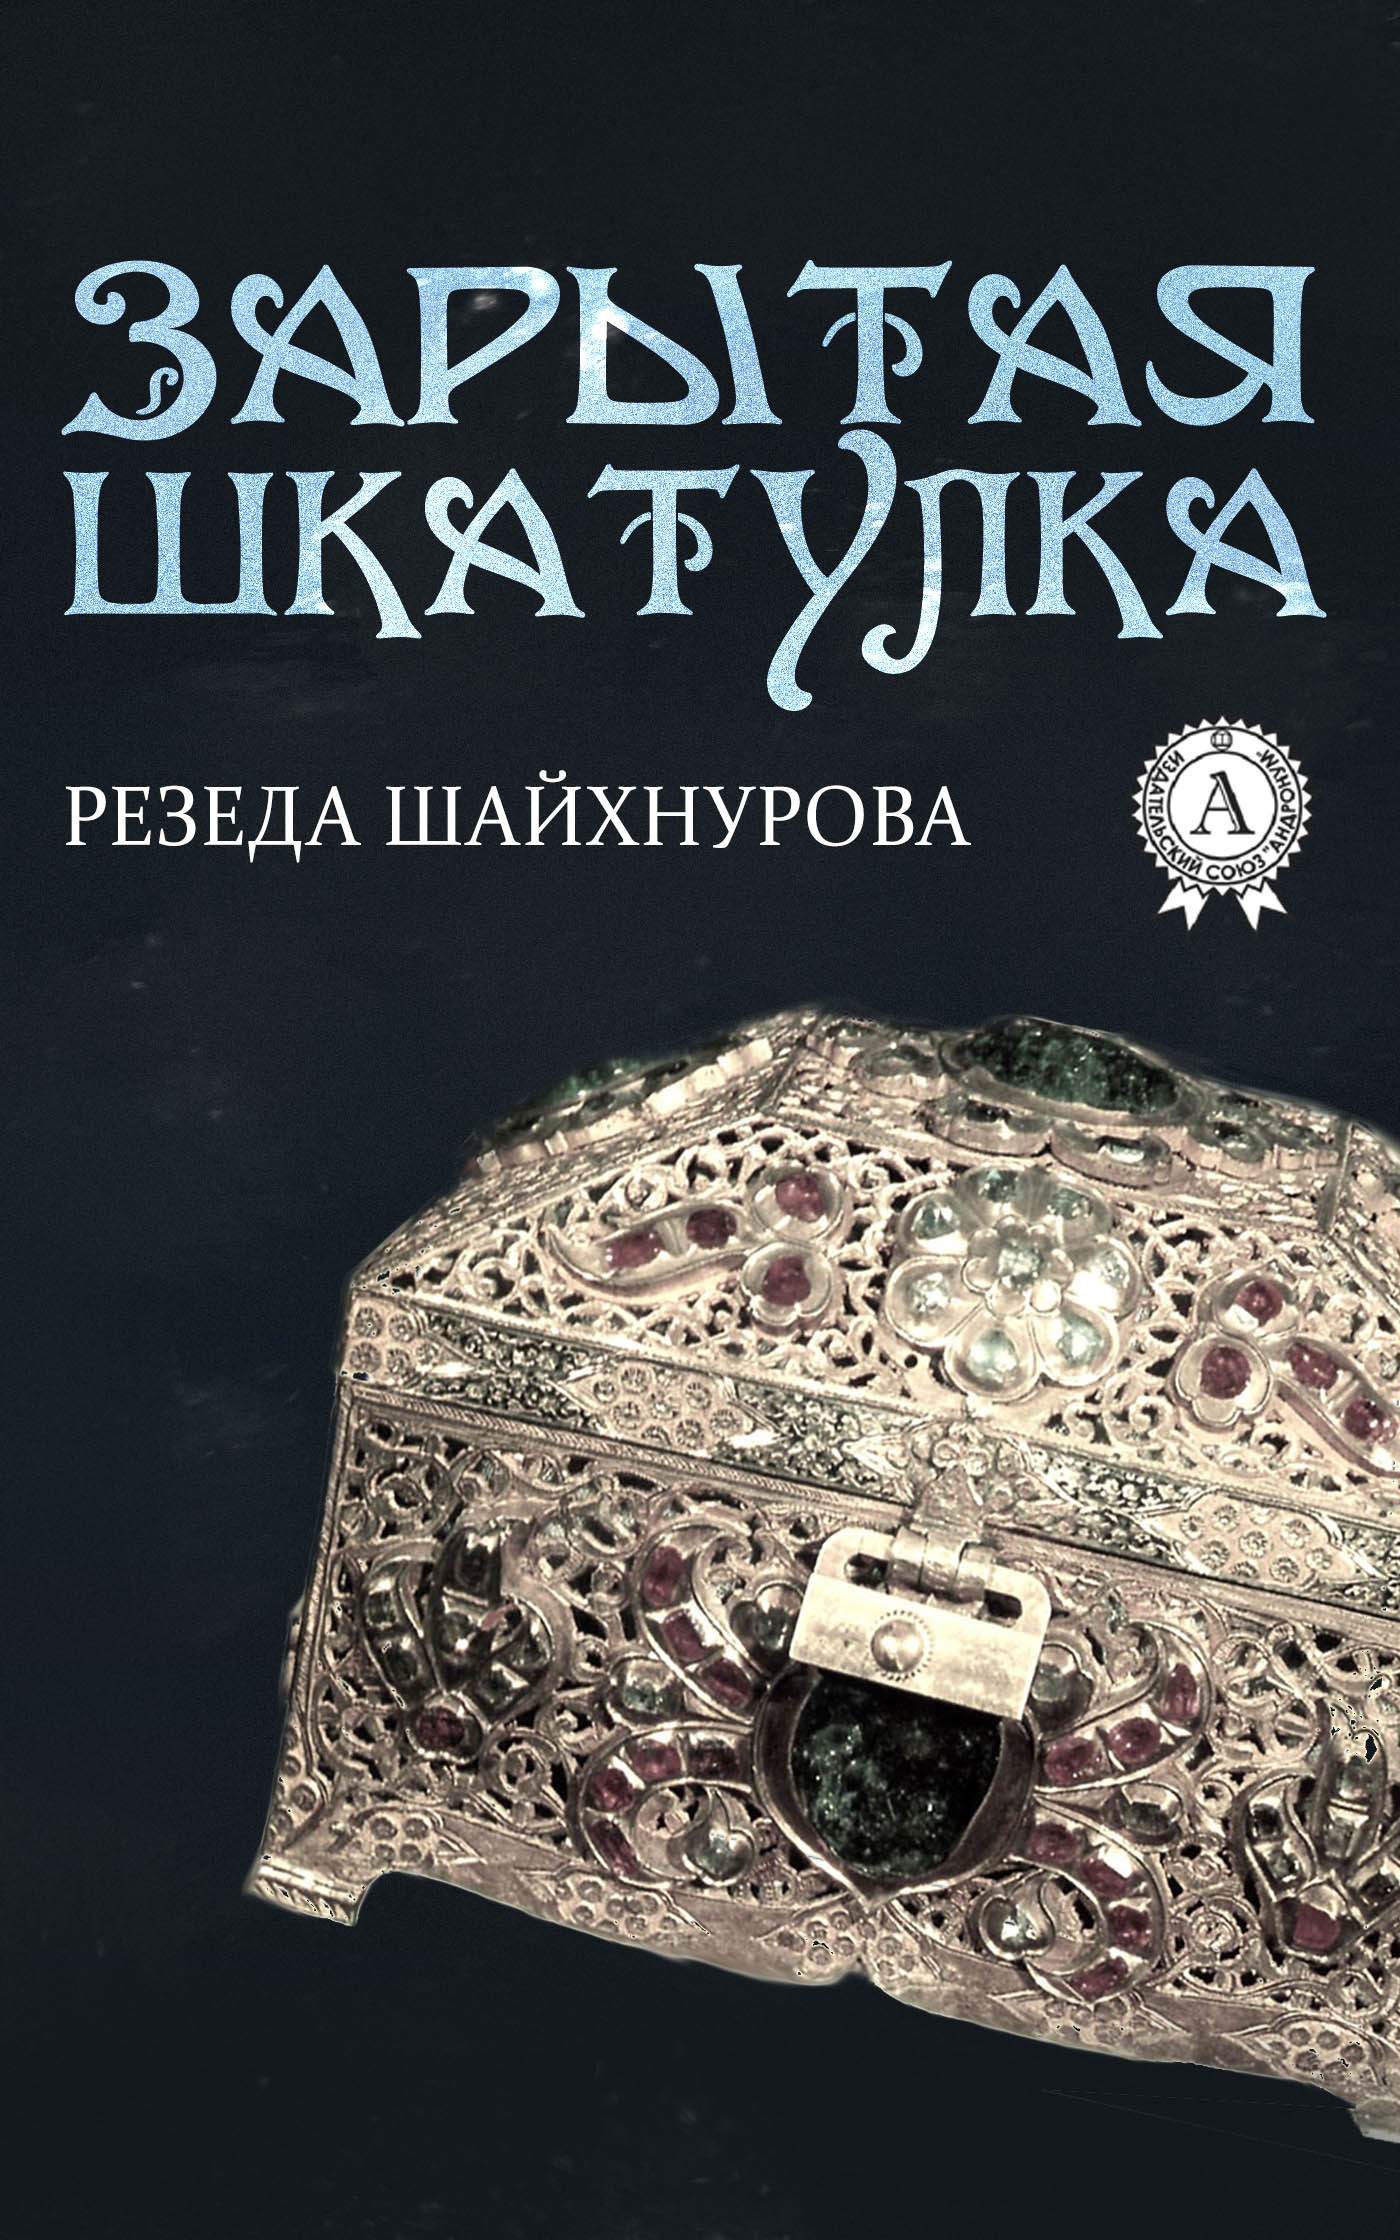 Резеда Шайхнурова - Зарытая шкатулка